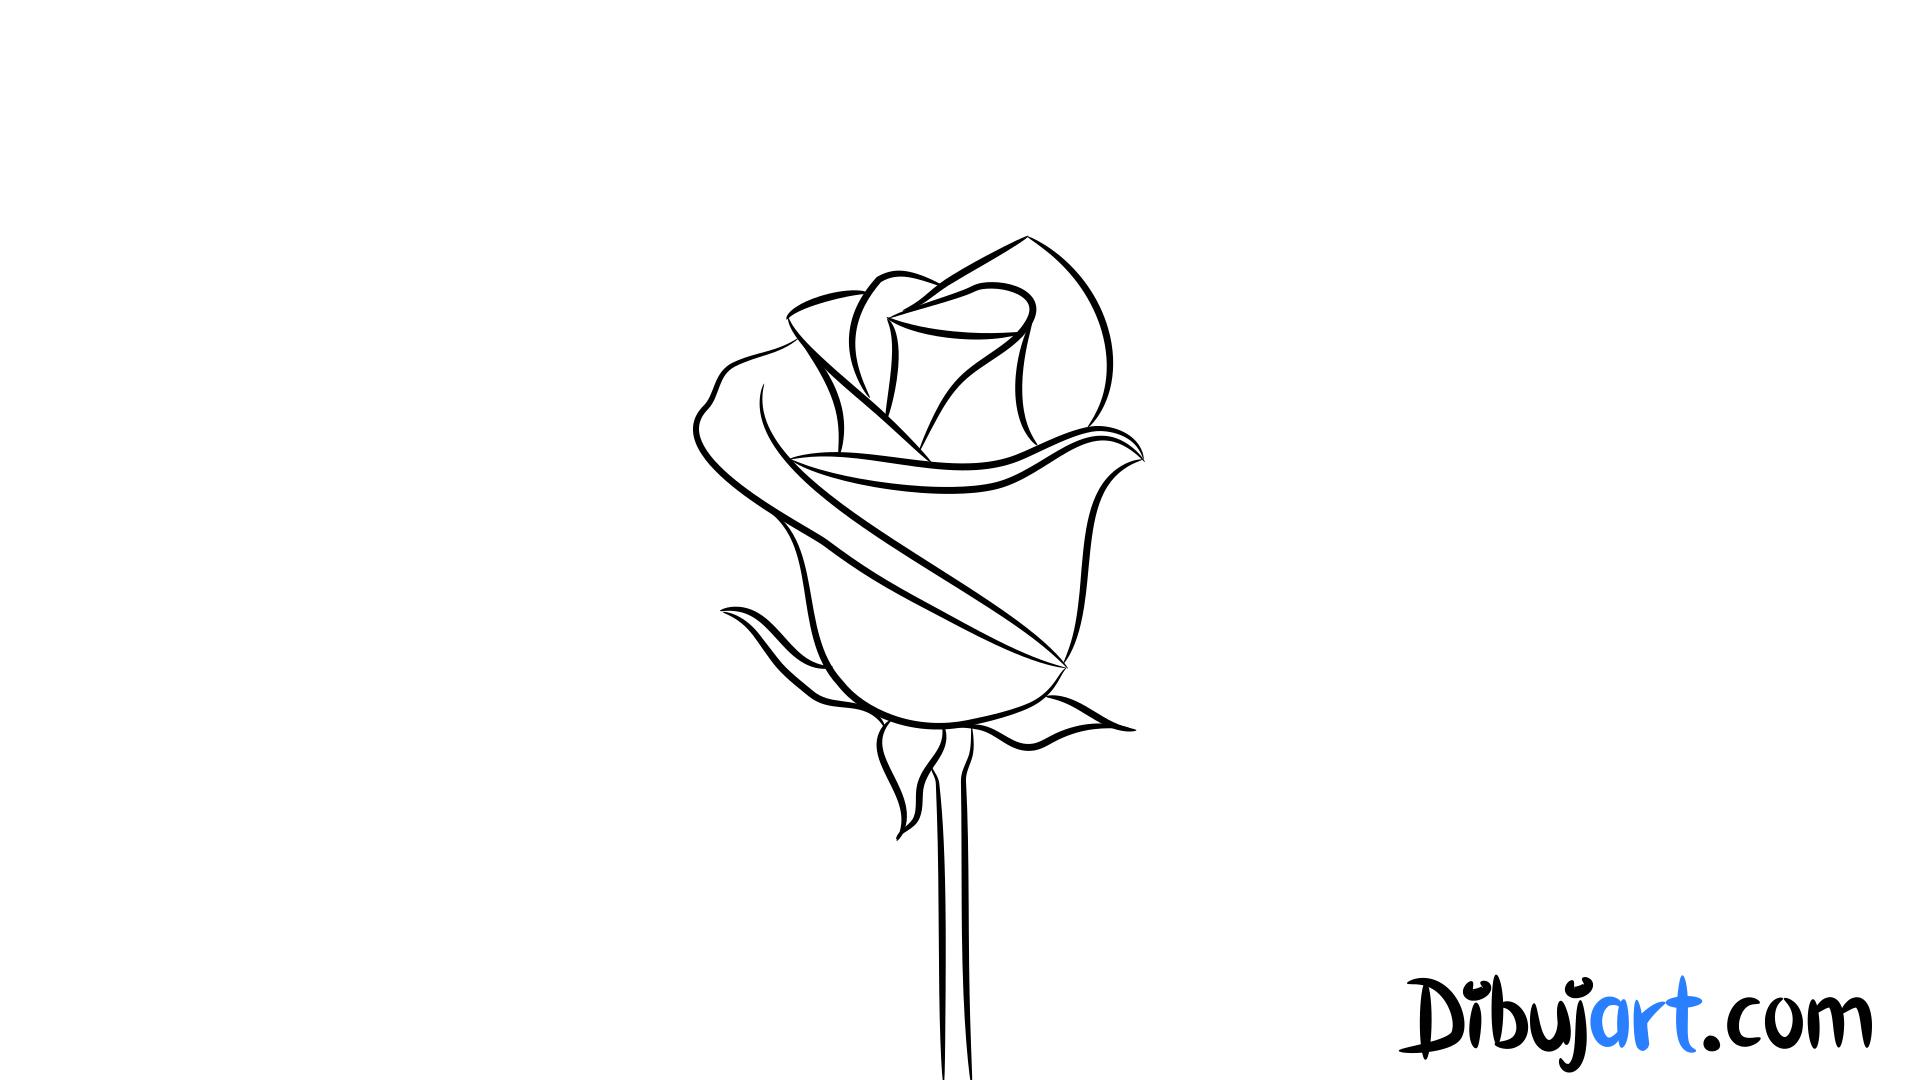 Cómo dibujar una Rosa #4 - dibujos de Rosas color claro | dibujart.com